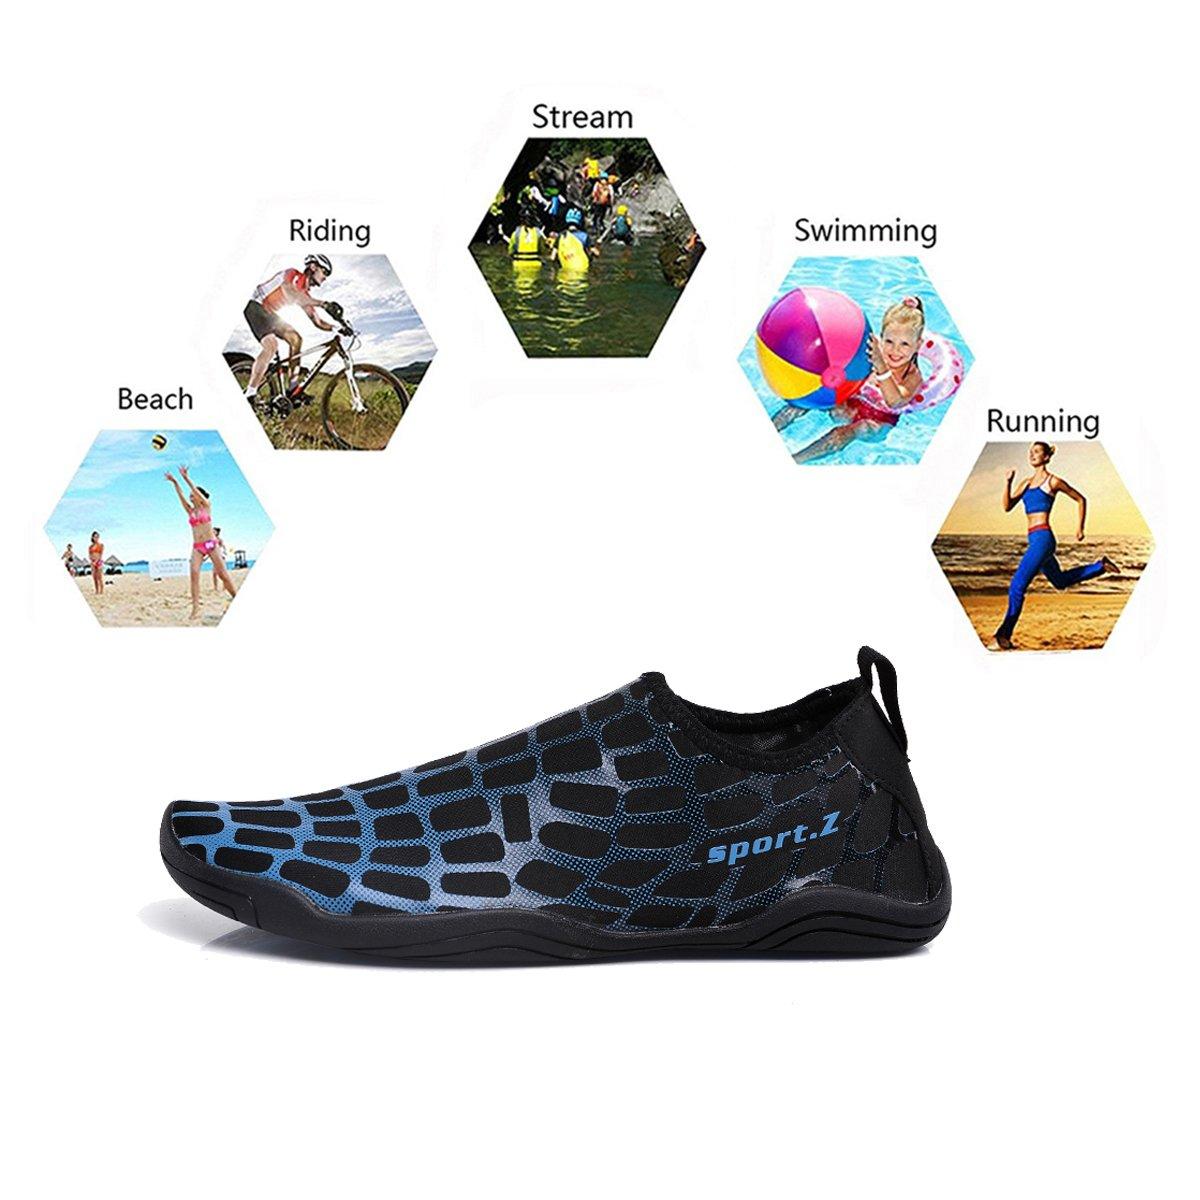 Upstartech - Escapines de Caucho para Hombre: Amazon.es: Zapatos y complementos